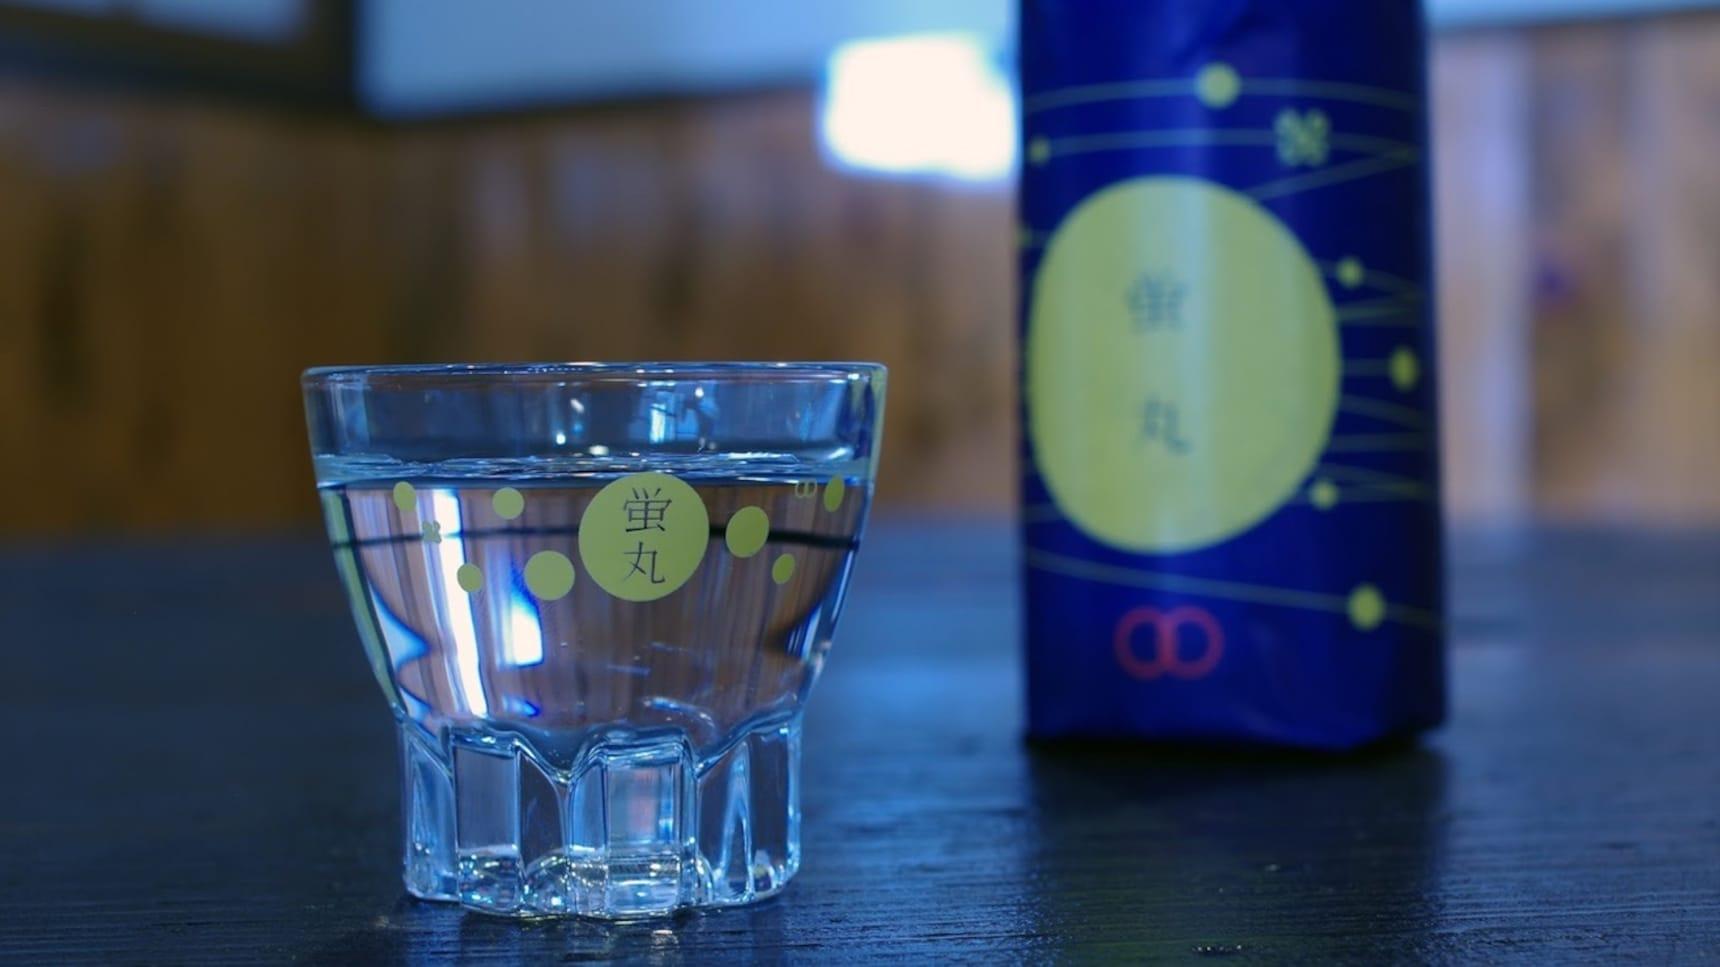 成年人专属的动漫周边---合作款日本酒4种